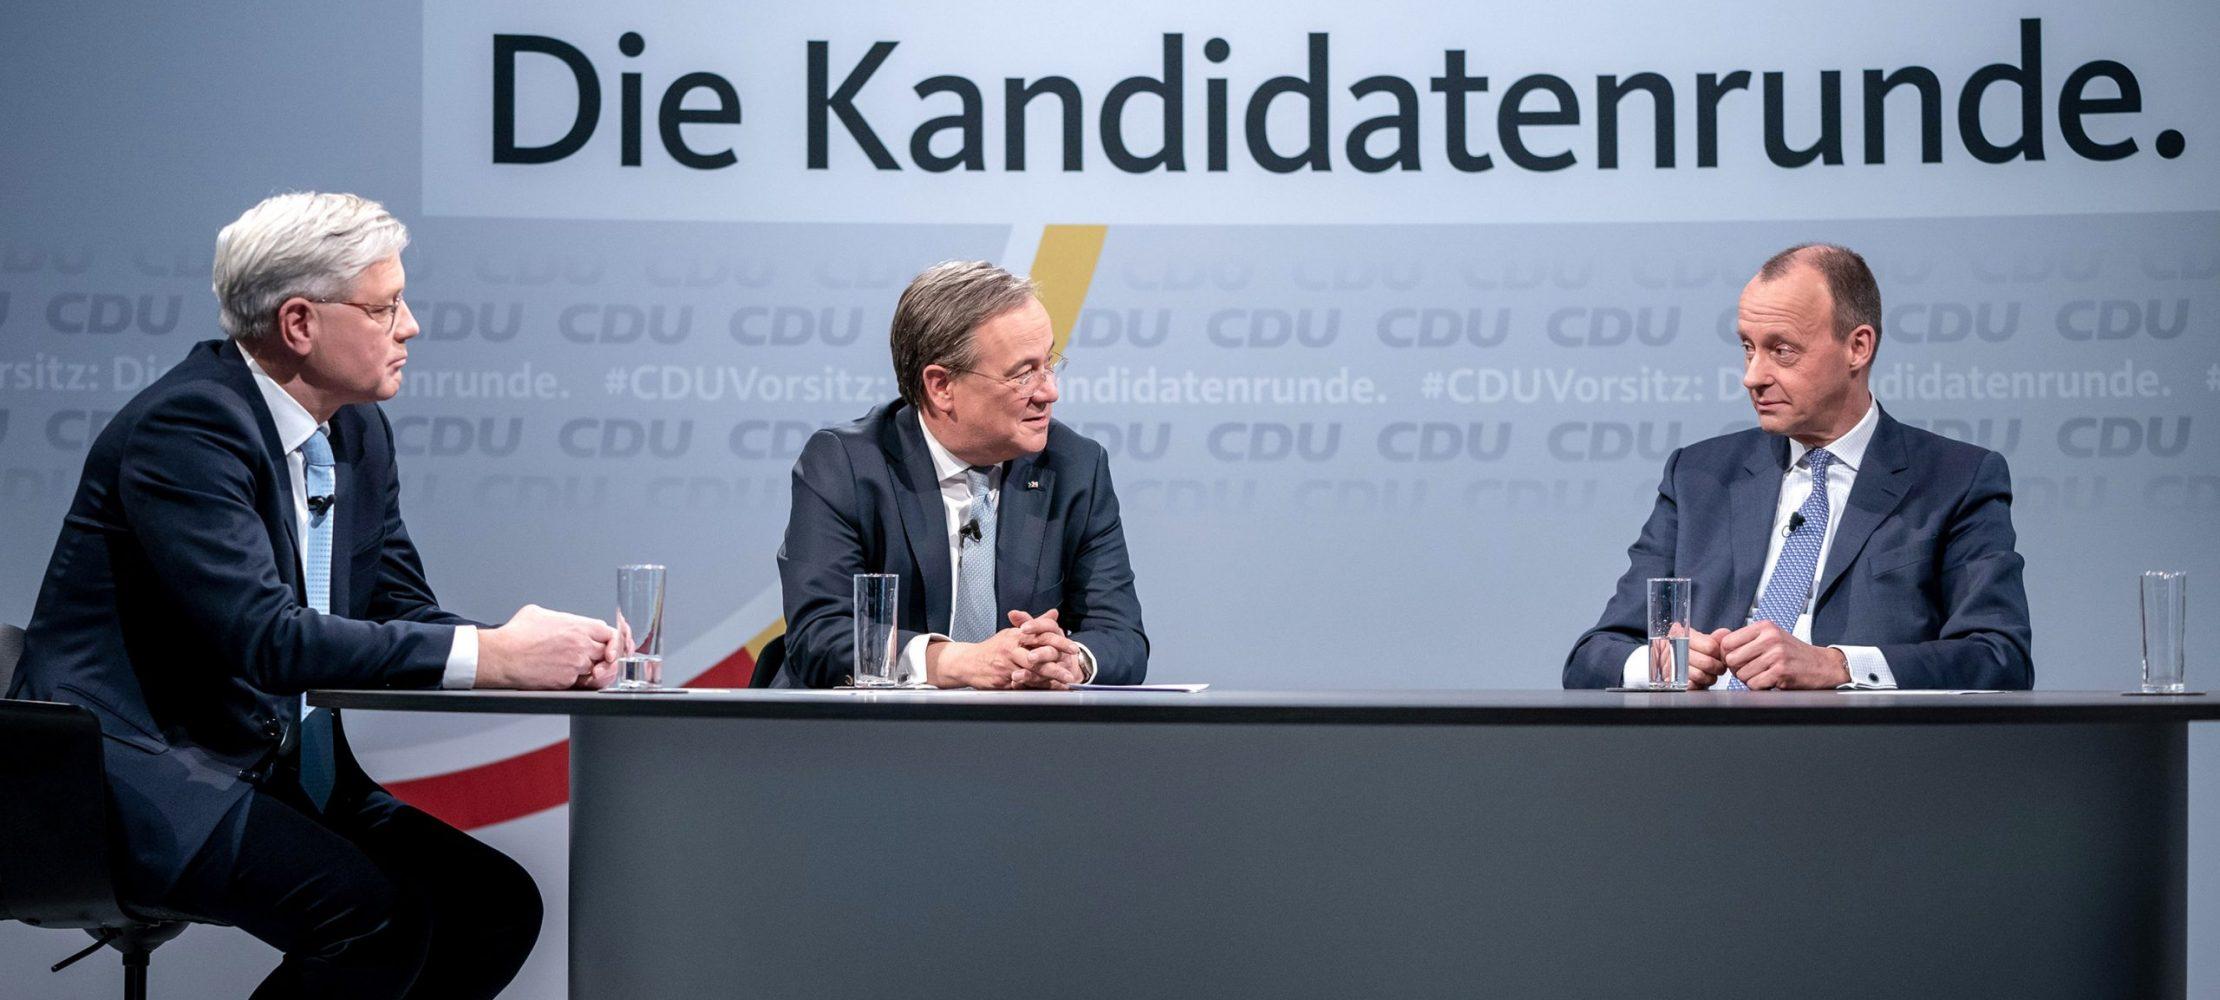 سه مرد برای CDU